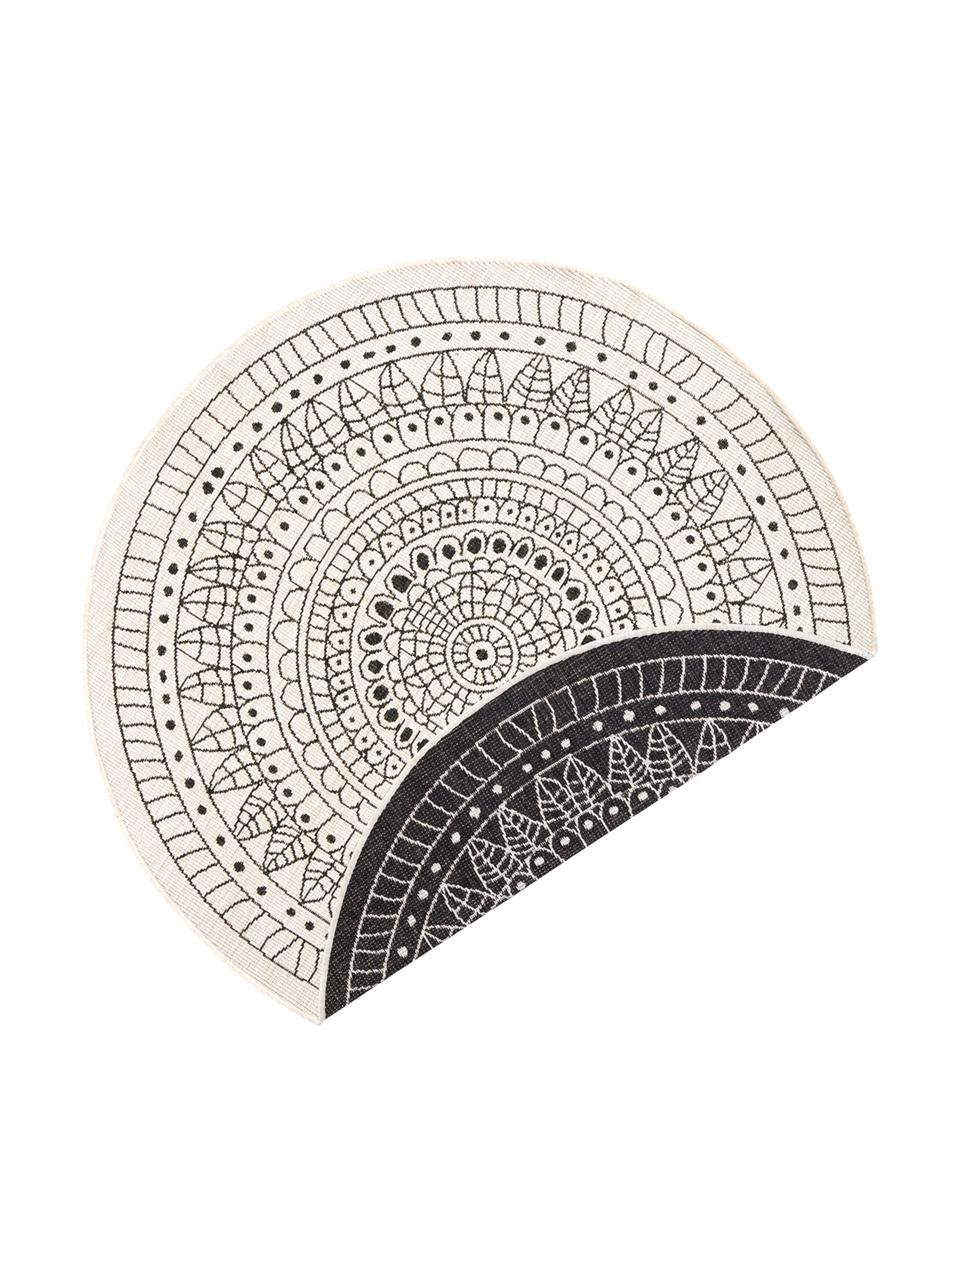 Tappeto reversibile da interno-esterno Porto, Nero, color crema, Ø 140 cm (taglia M)